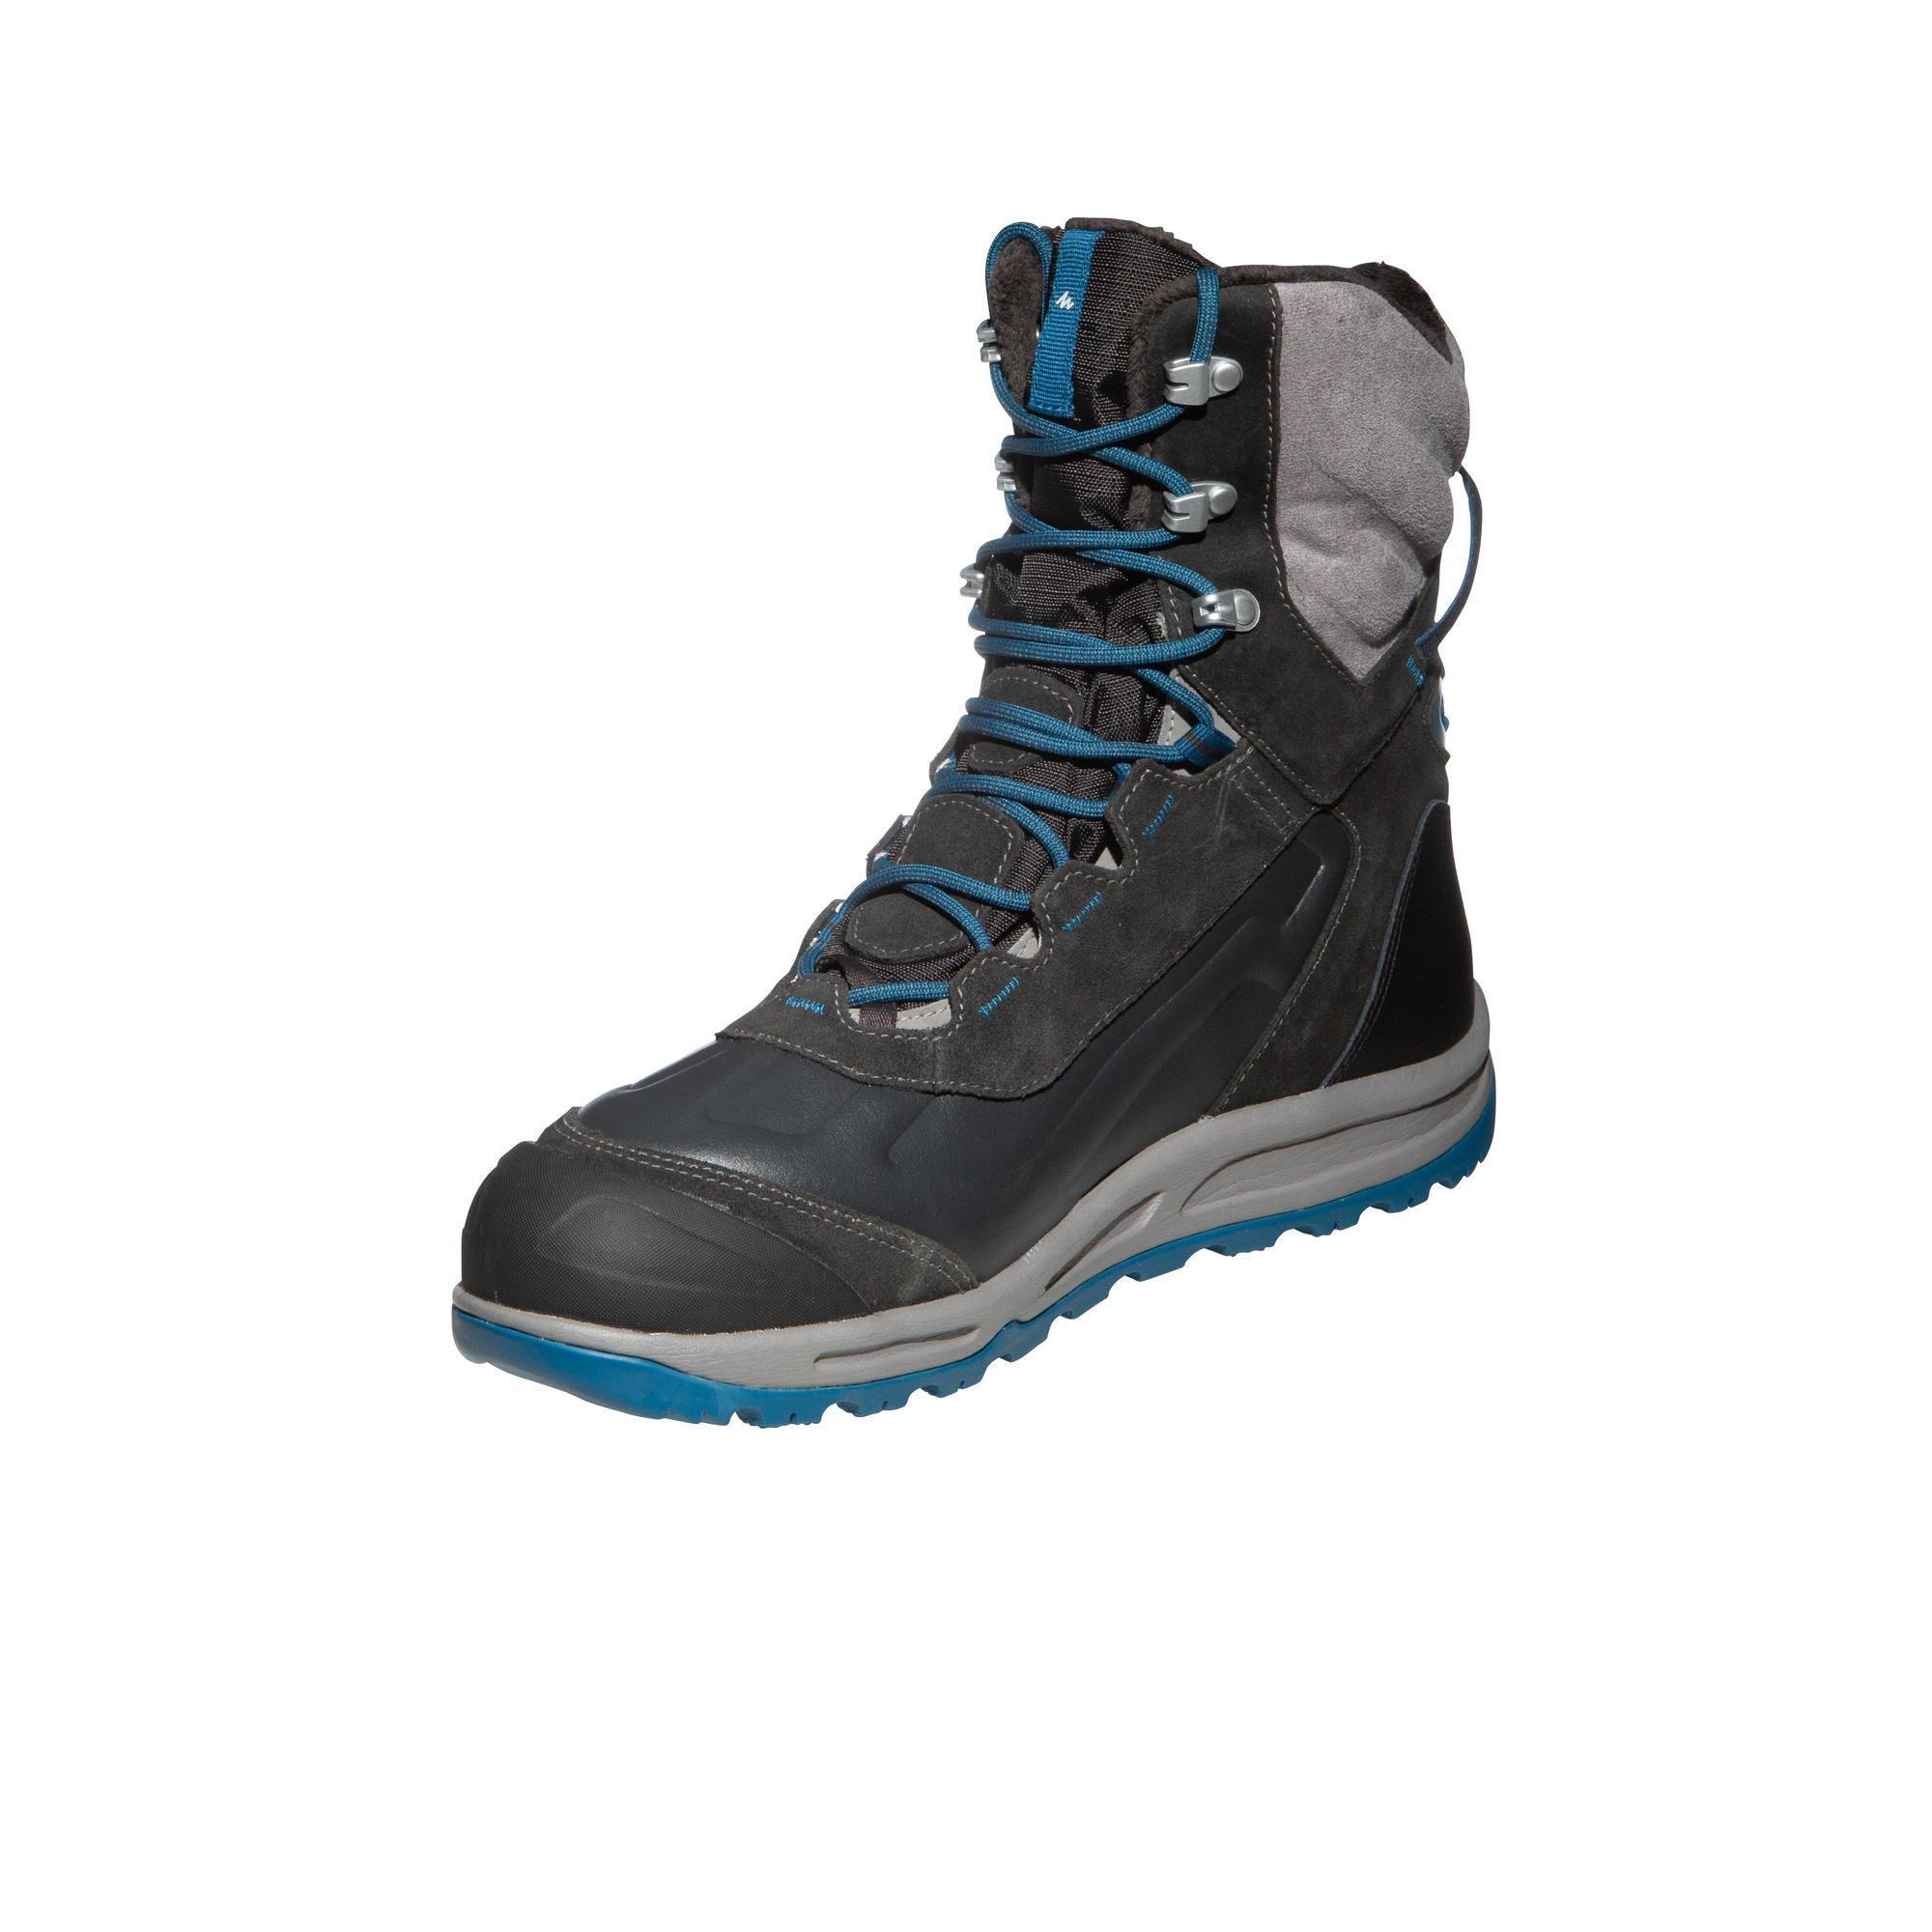 6751fdae199 grises high Chaussures warm randonnée de SH920 neige homme Quechua x  vqC8zww ...